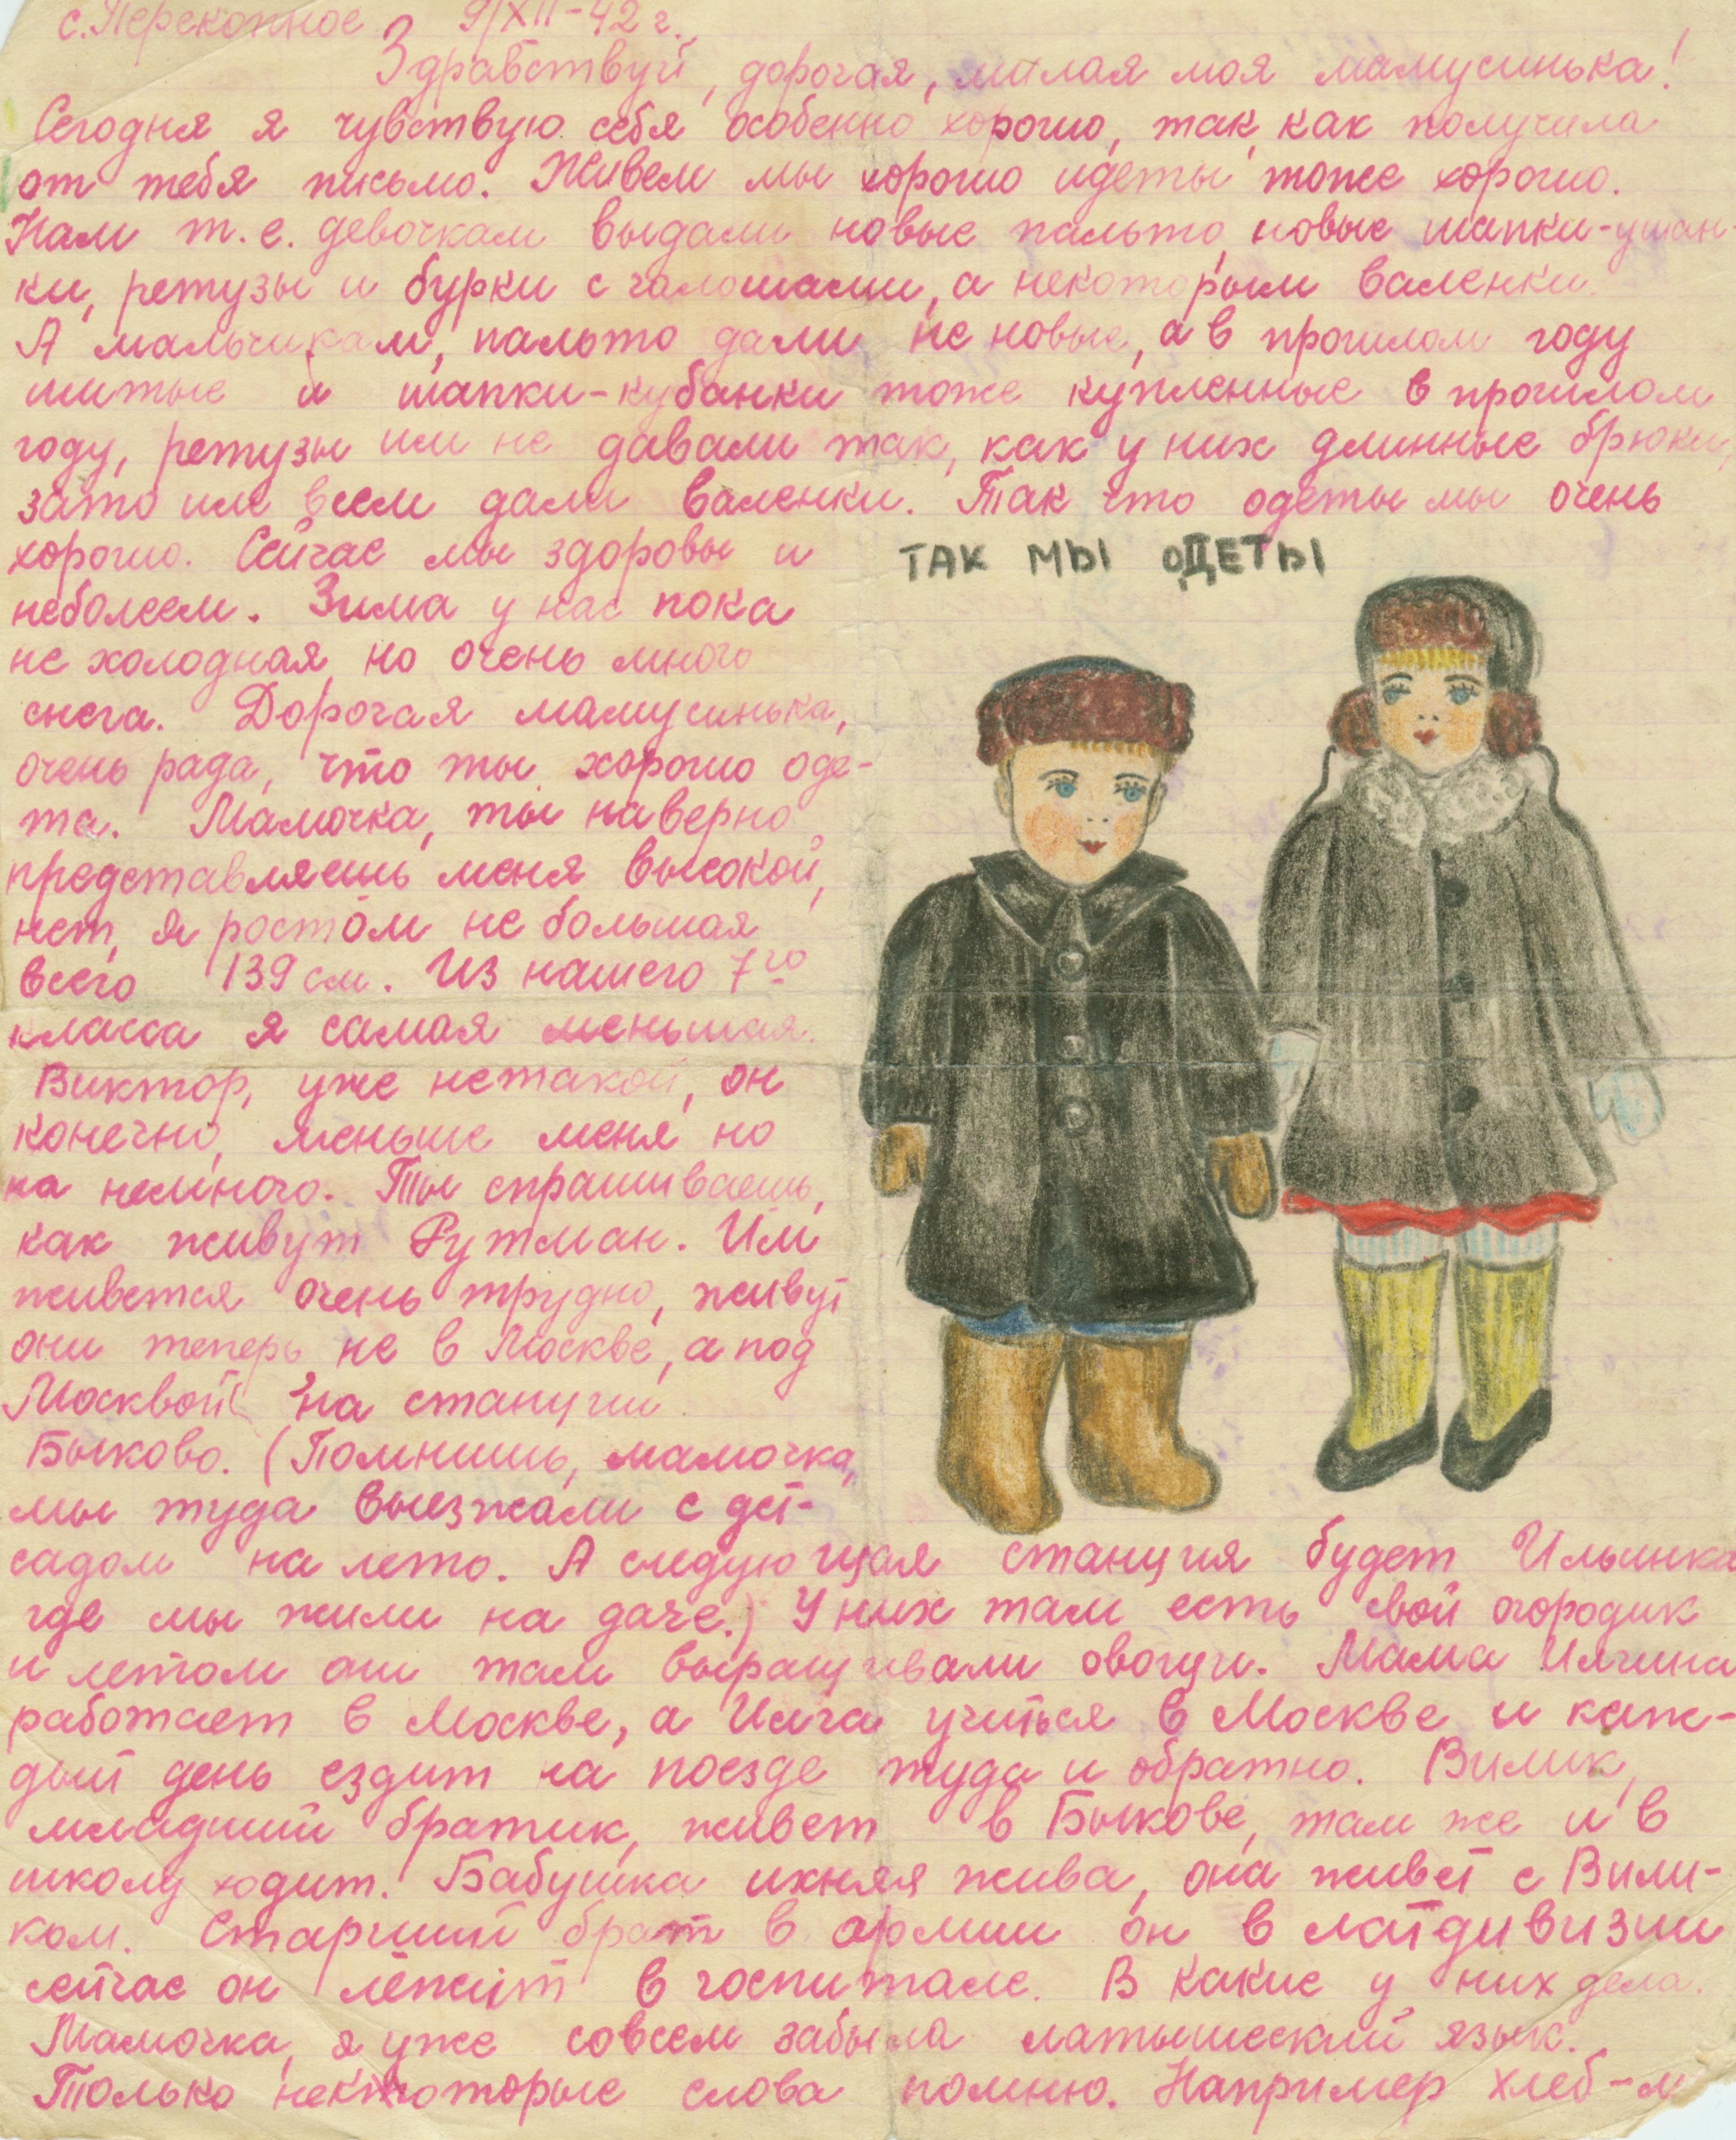 Письмо дочери Кристины Рубен в АЛЖИР. Фото: архив «Мемориала»